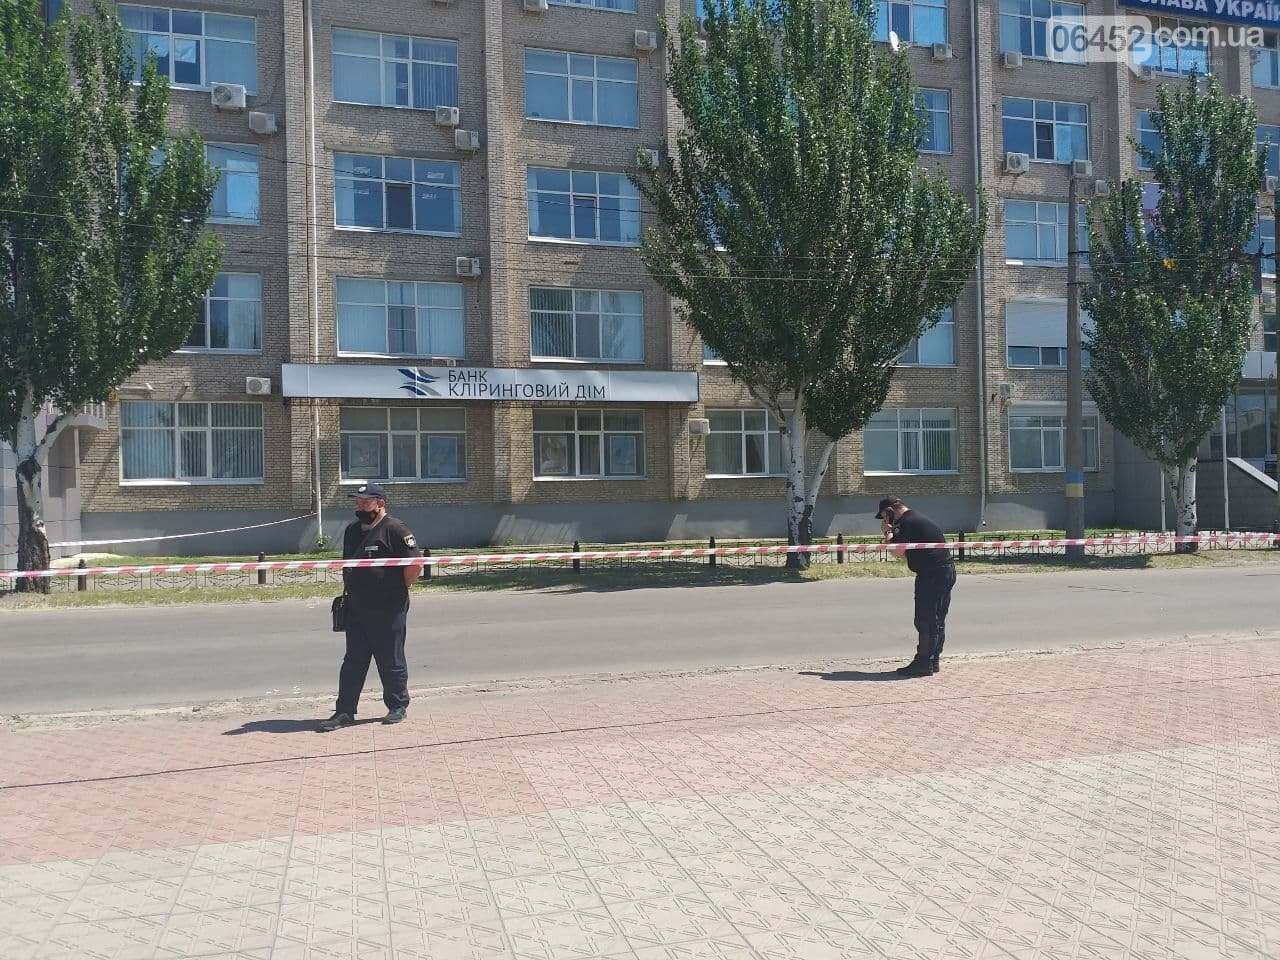 В Северодонецке неизвестный сообщил о минировании корпусов двух университетов (фото), фото-5